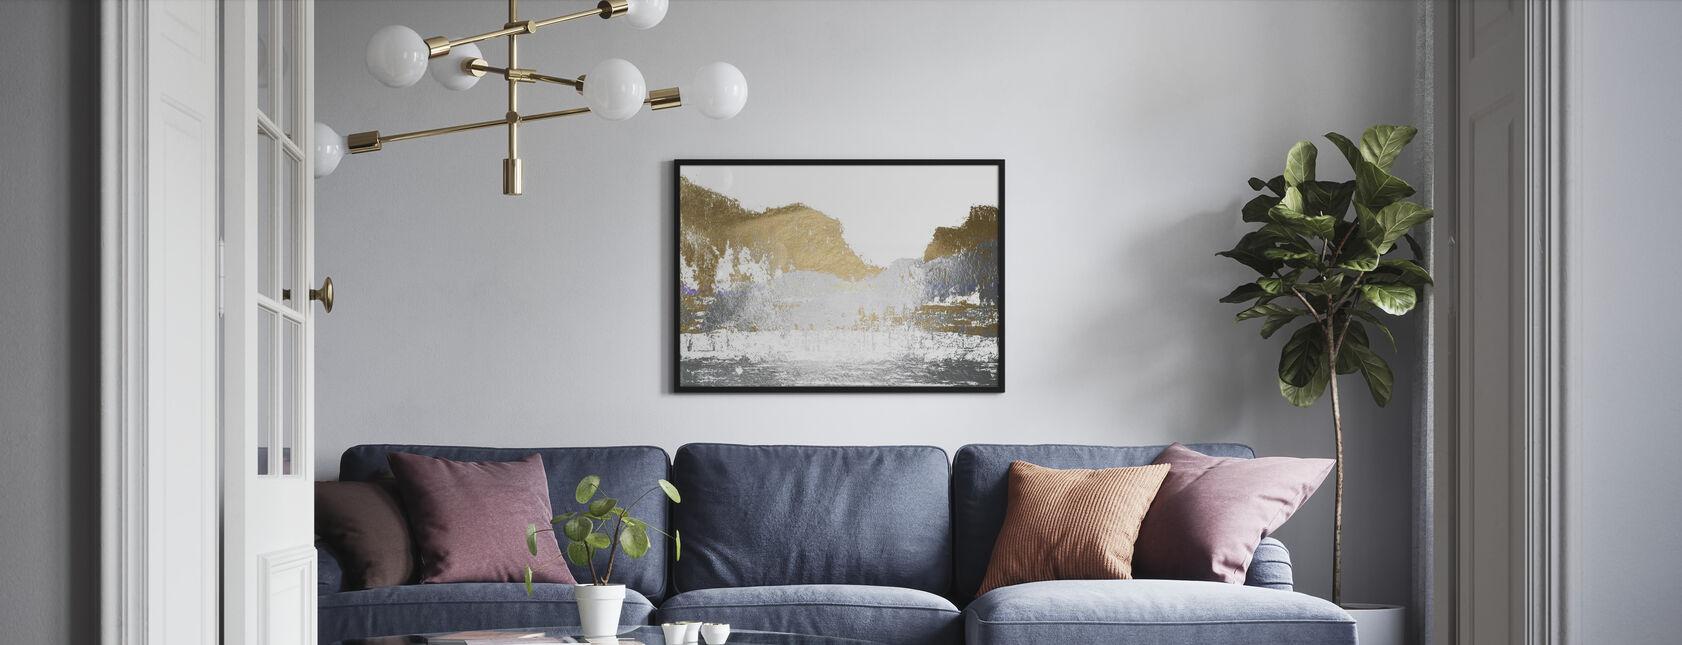 Monifoliovuori - Kehystetty kuva - Olohuone